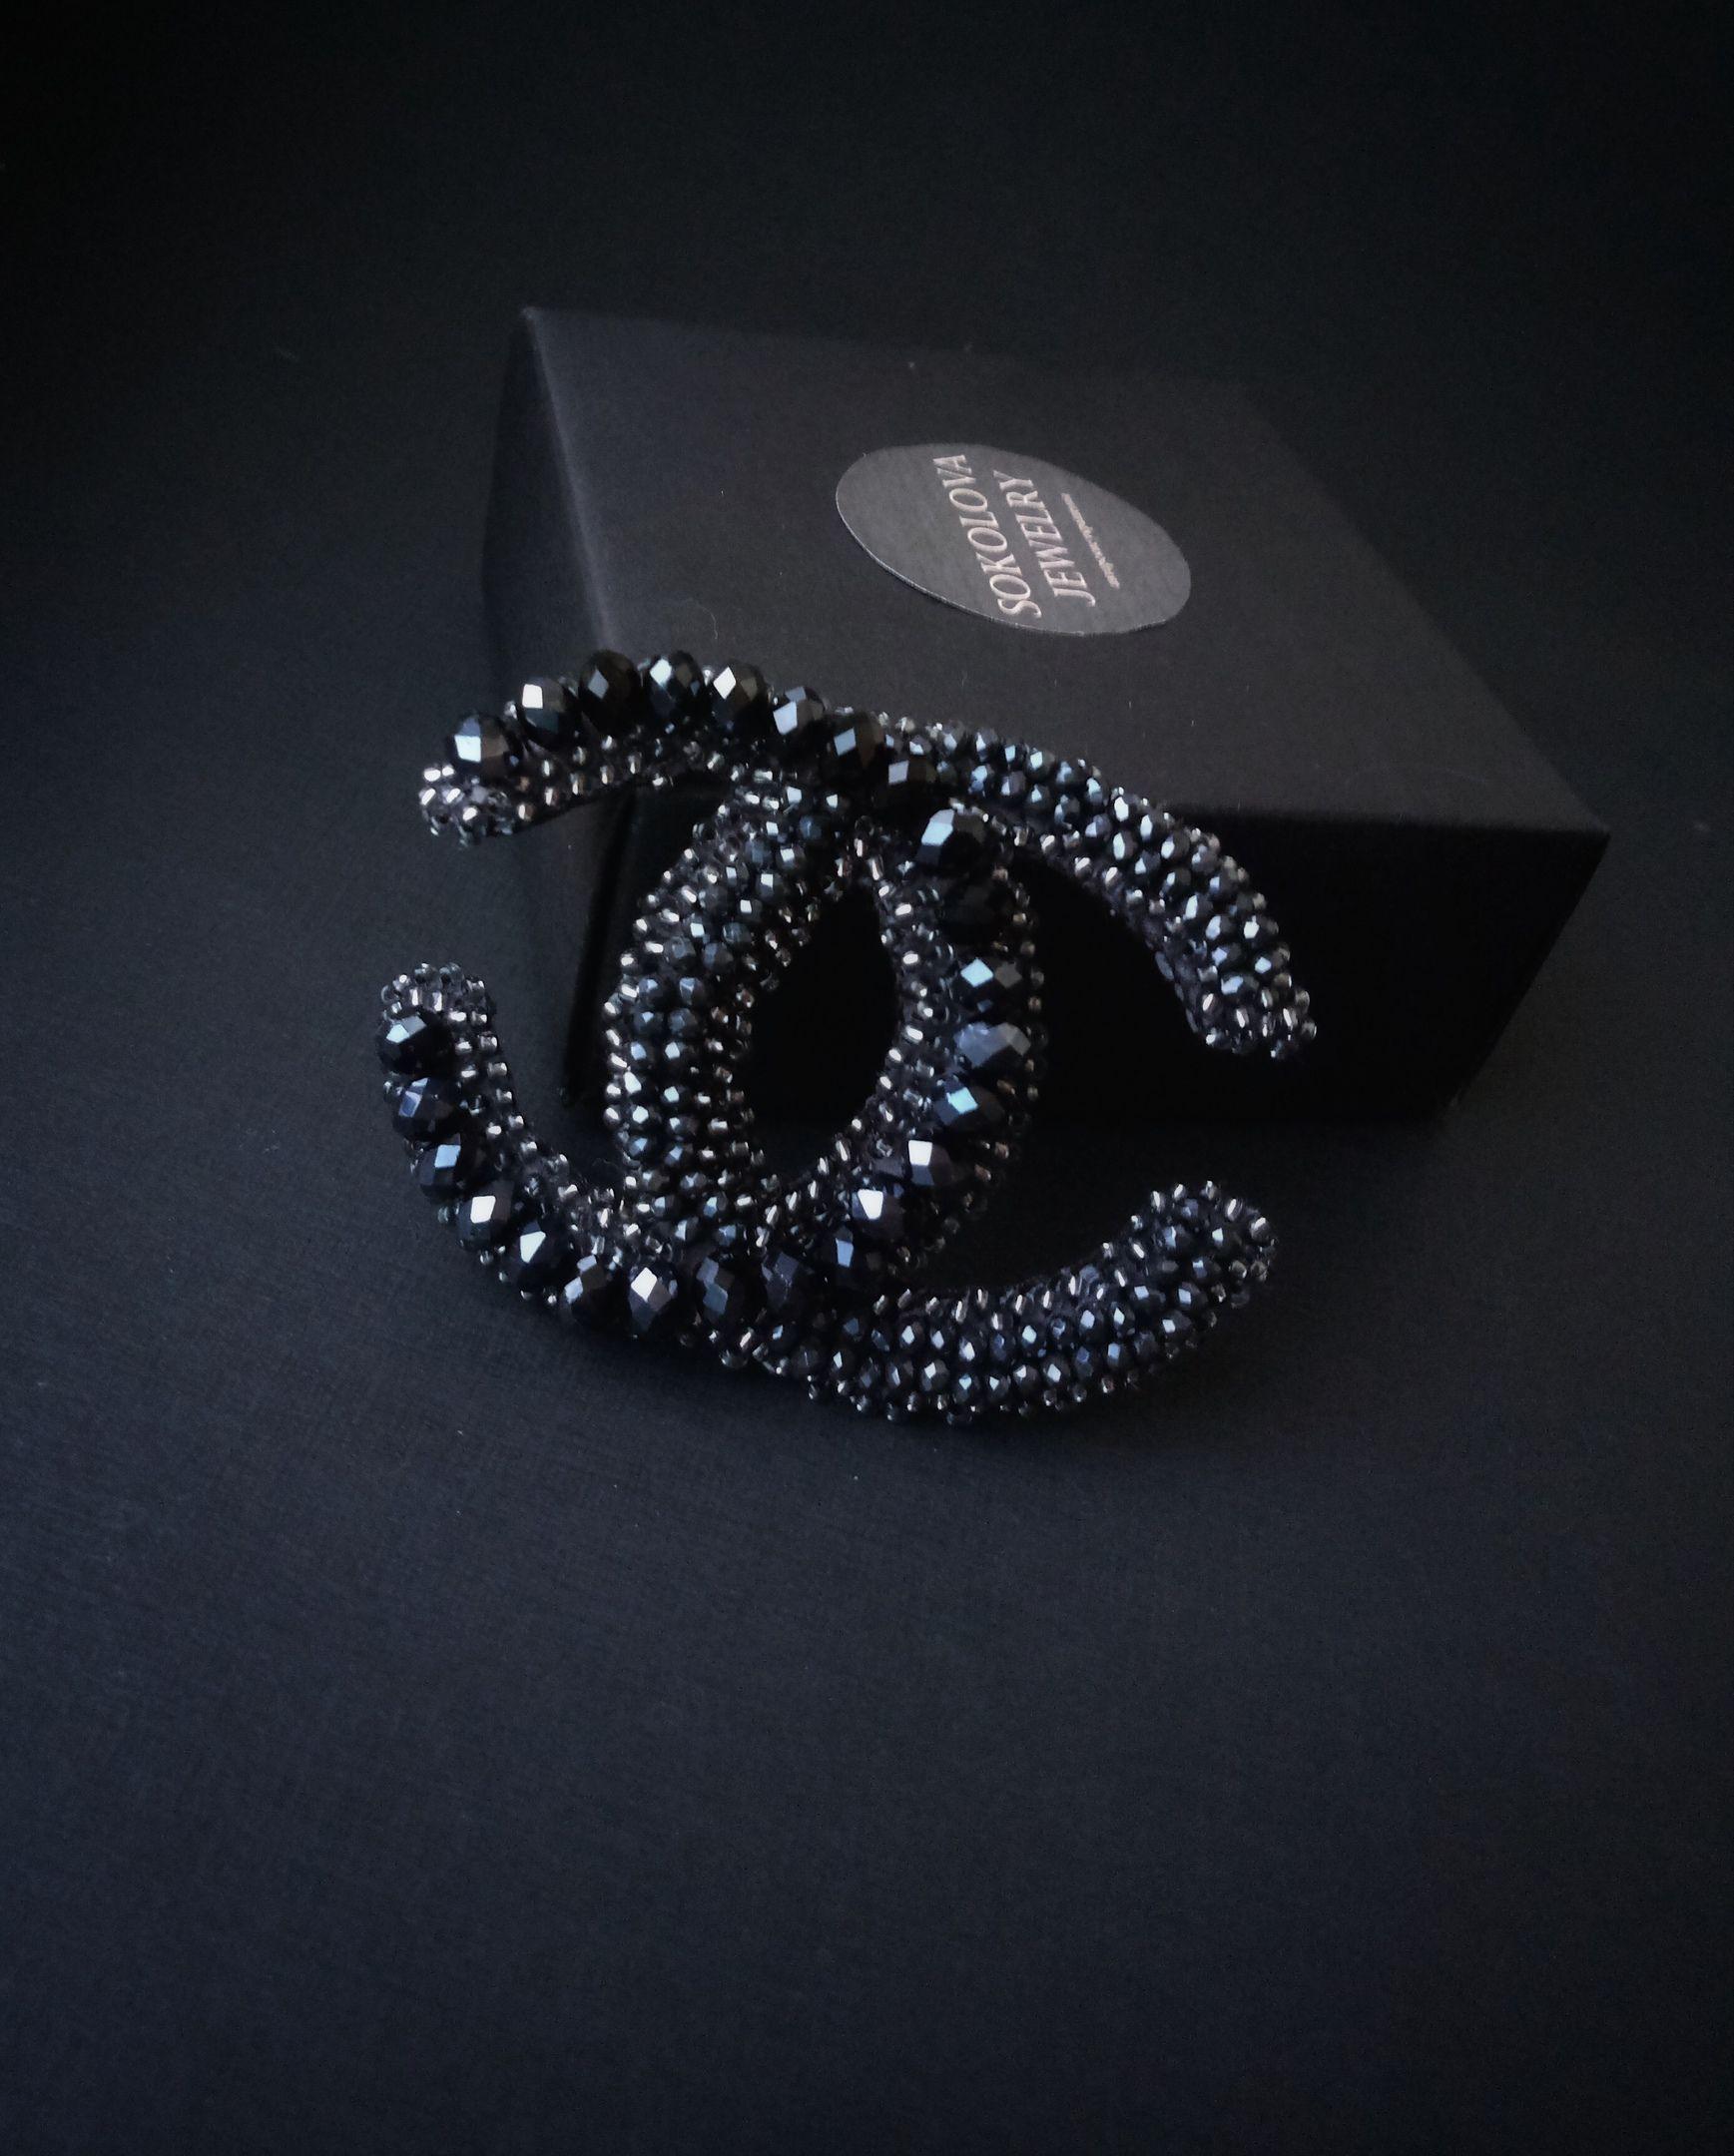 женщине подарок брошь украшение шанель handmade brooch beads jewelry chanel